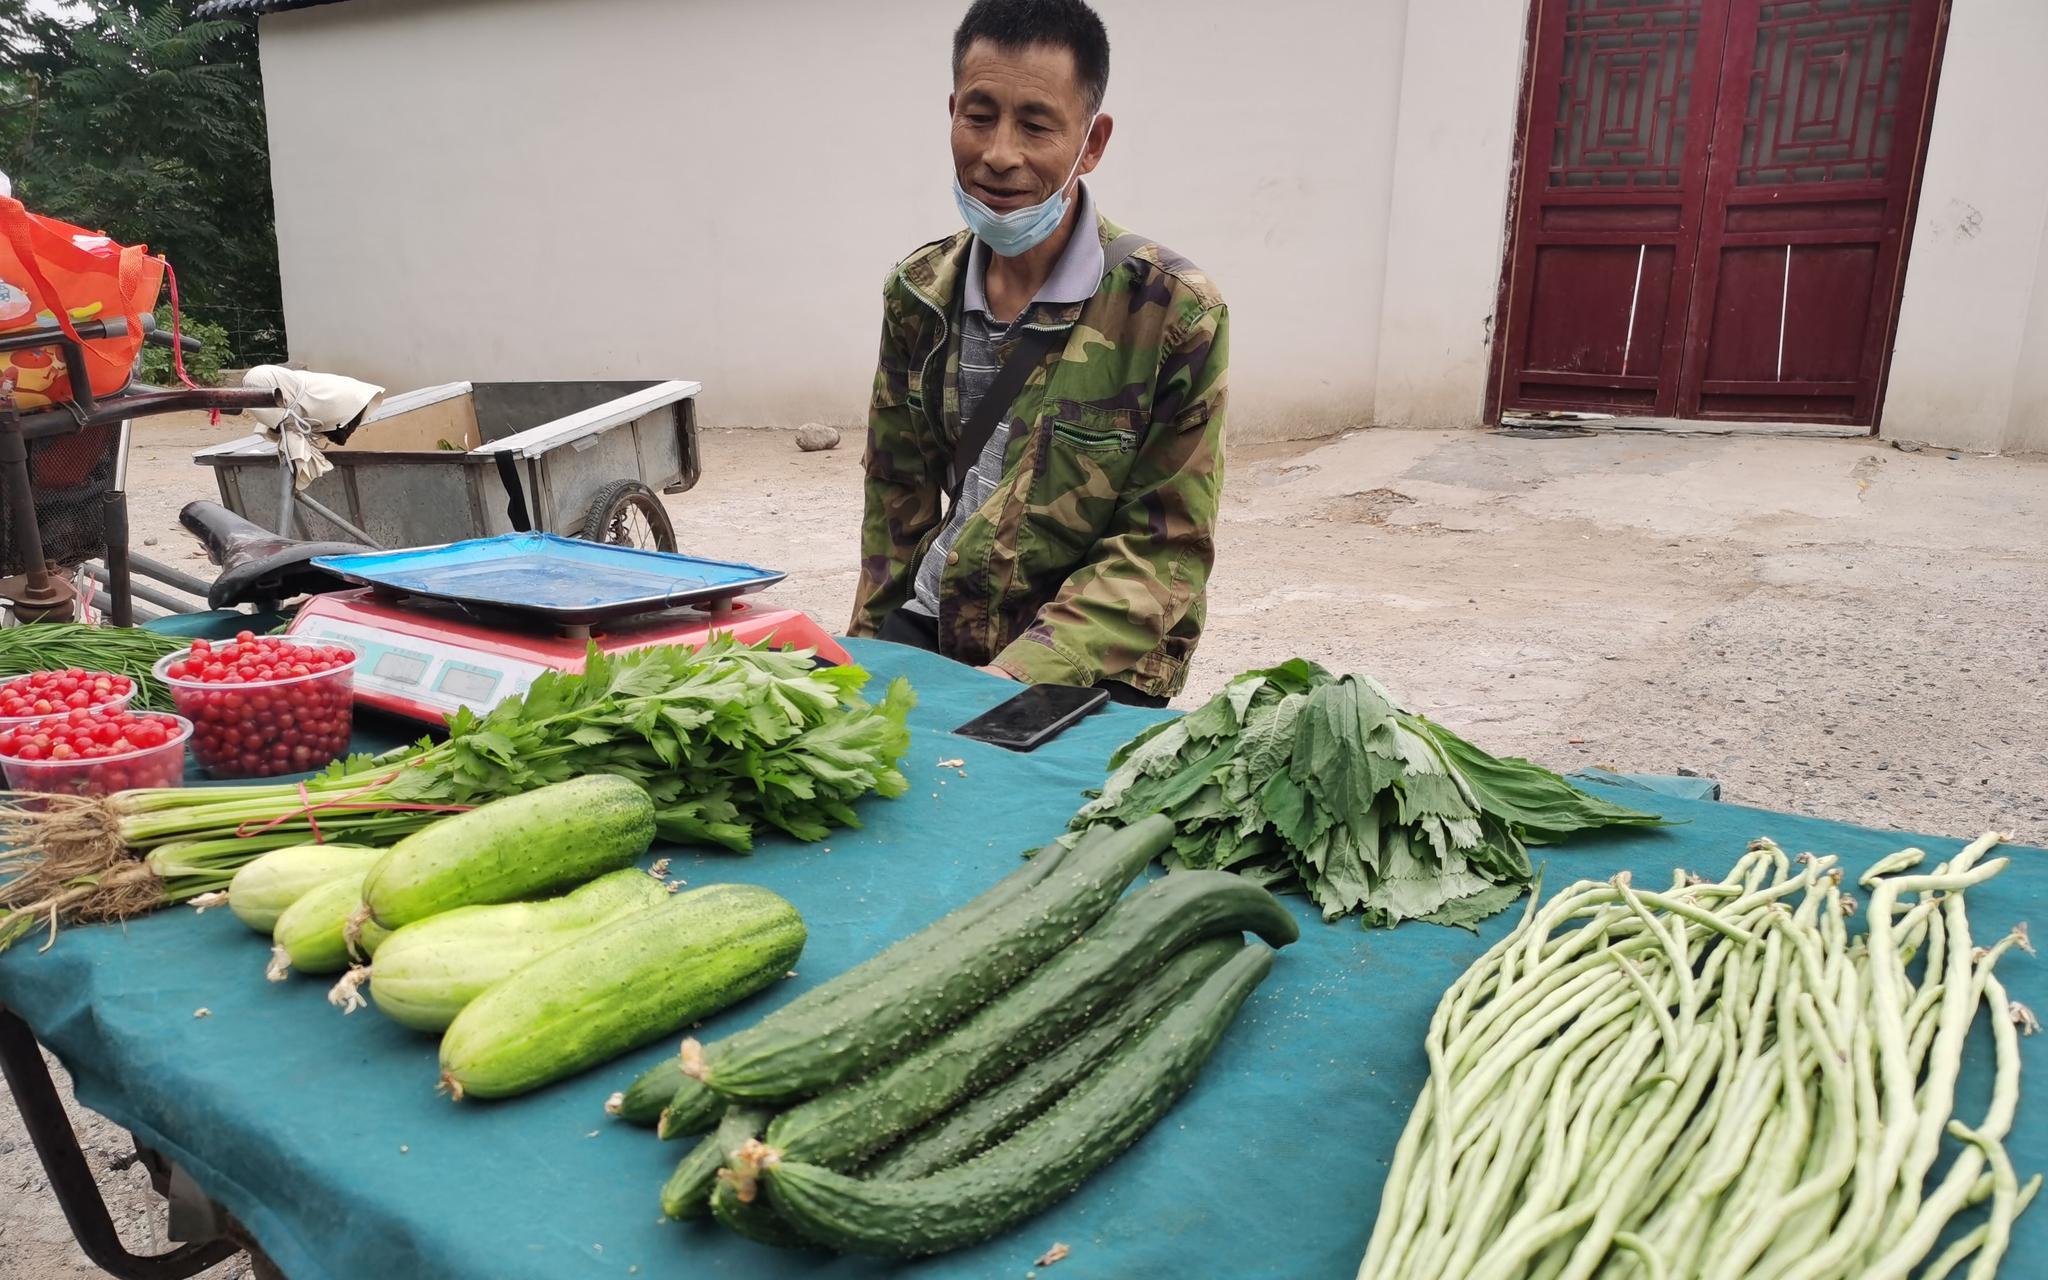 农户们在零散集市上卖菜。新京报记者 王颖 摄